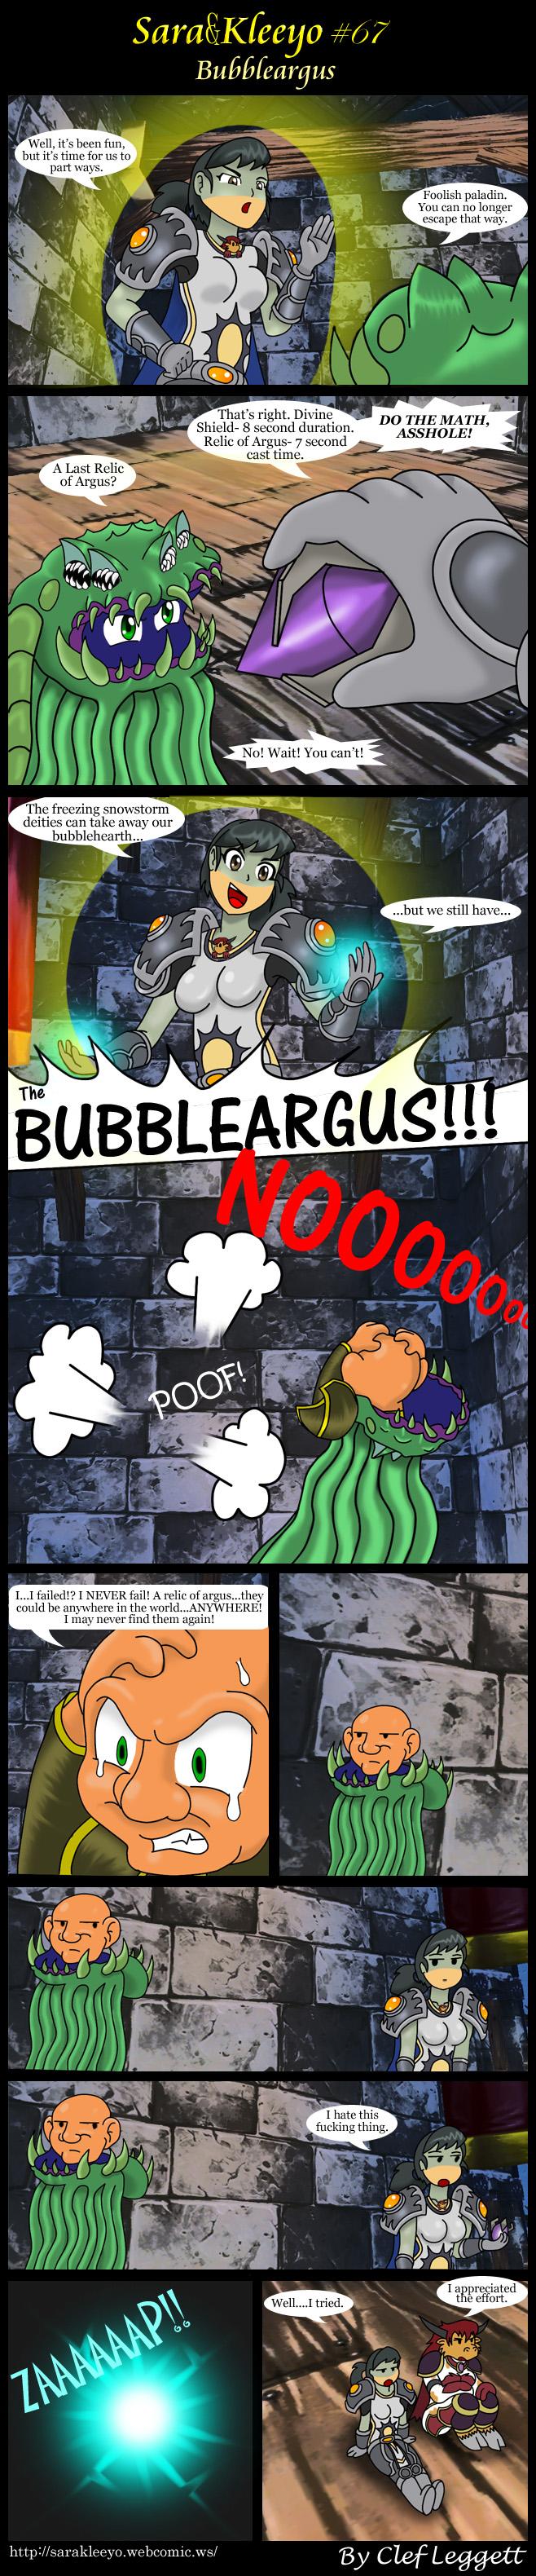 Bubbleargus